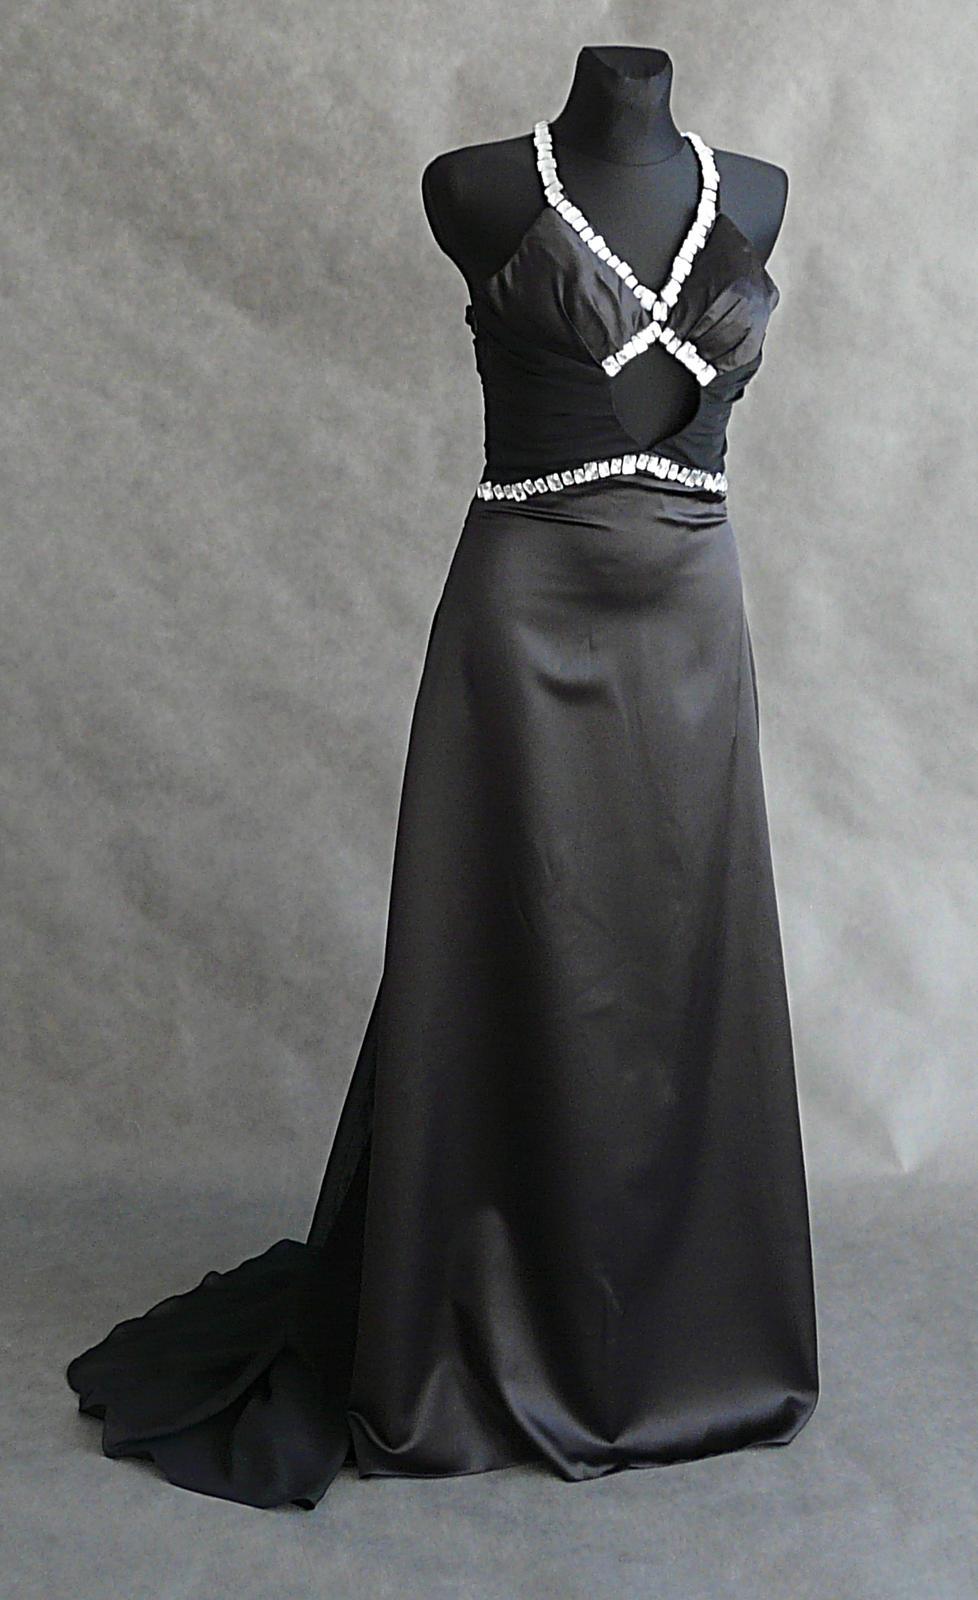 Reálné foto šatů - Obrázek č. 7